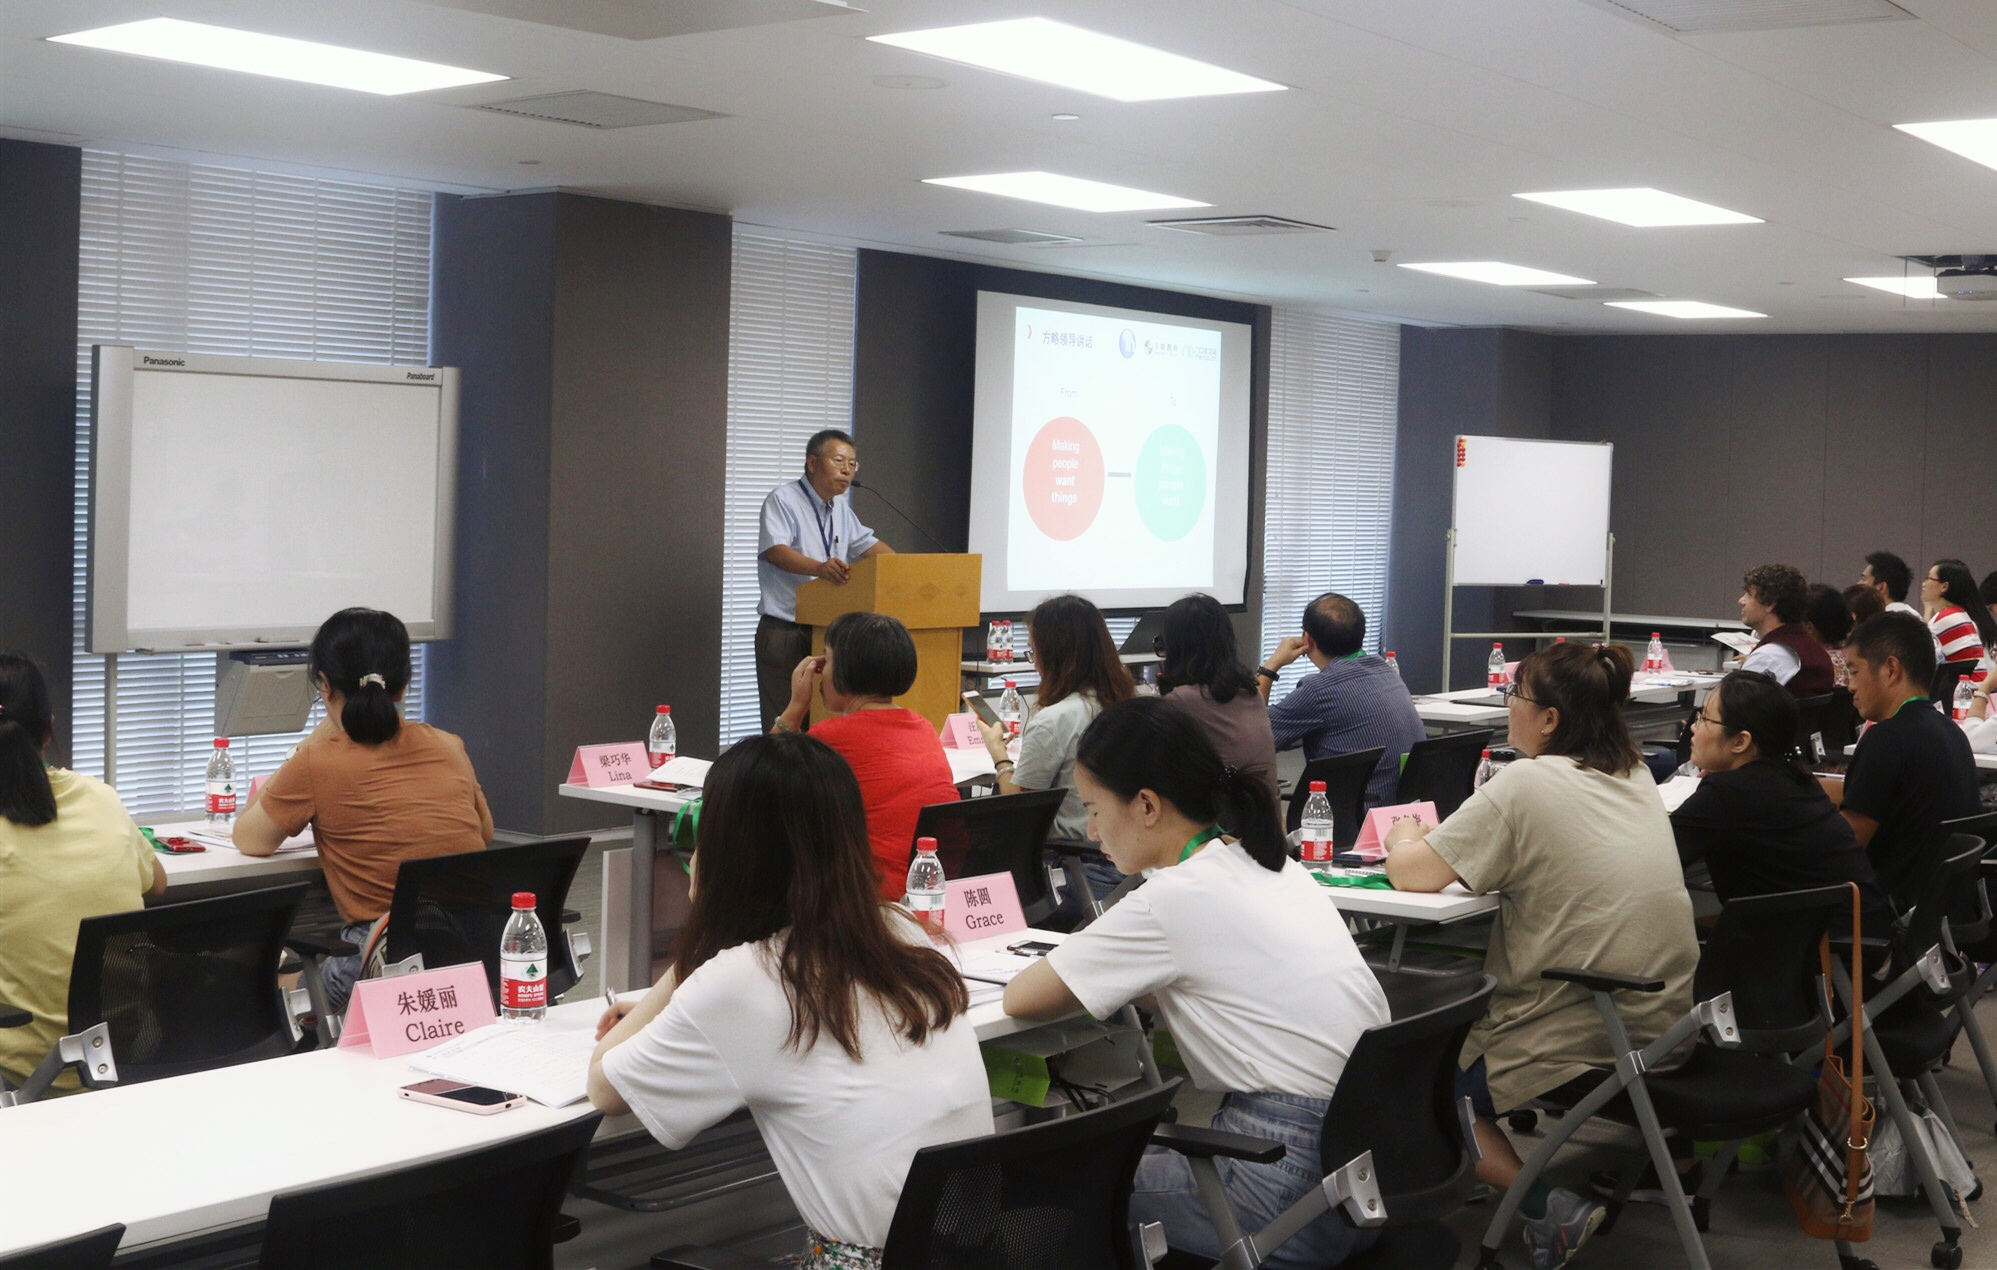 杨总 - 丽水市直高中骨干英语教师专业能力(TKT)培训正式启动